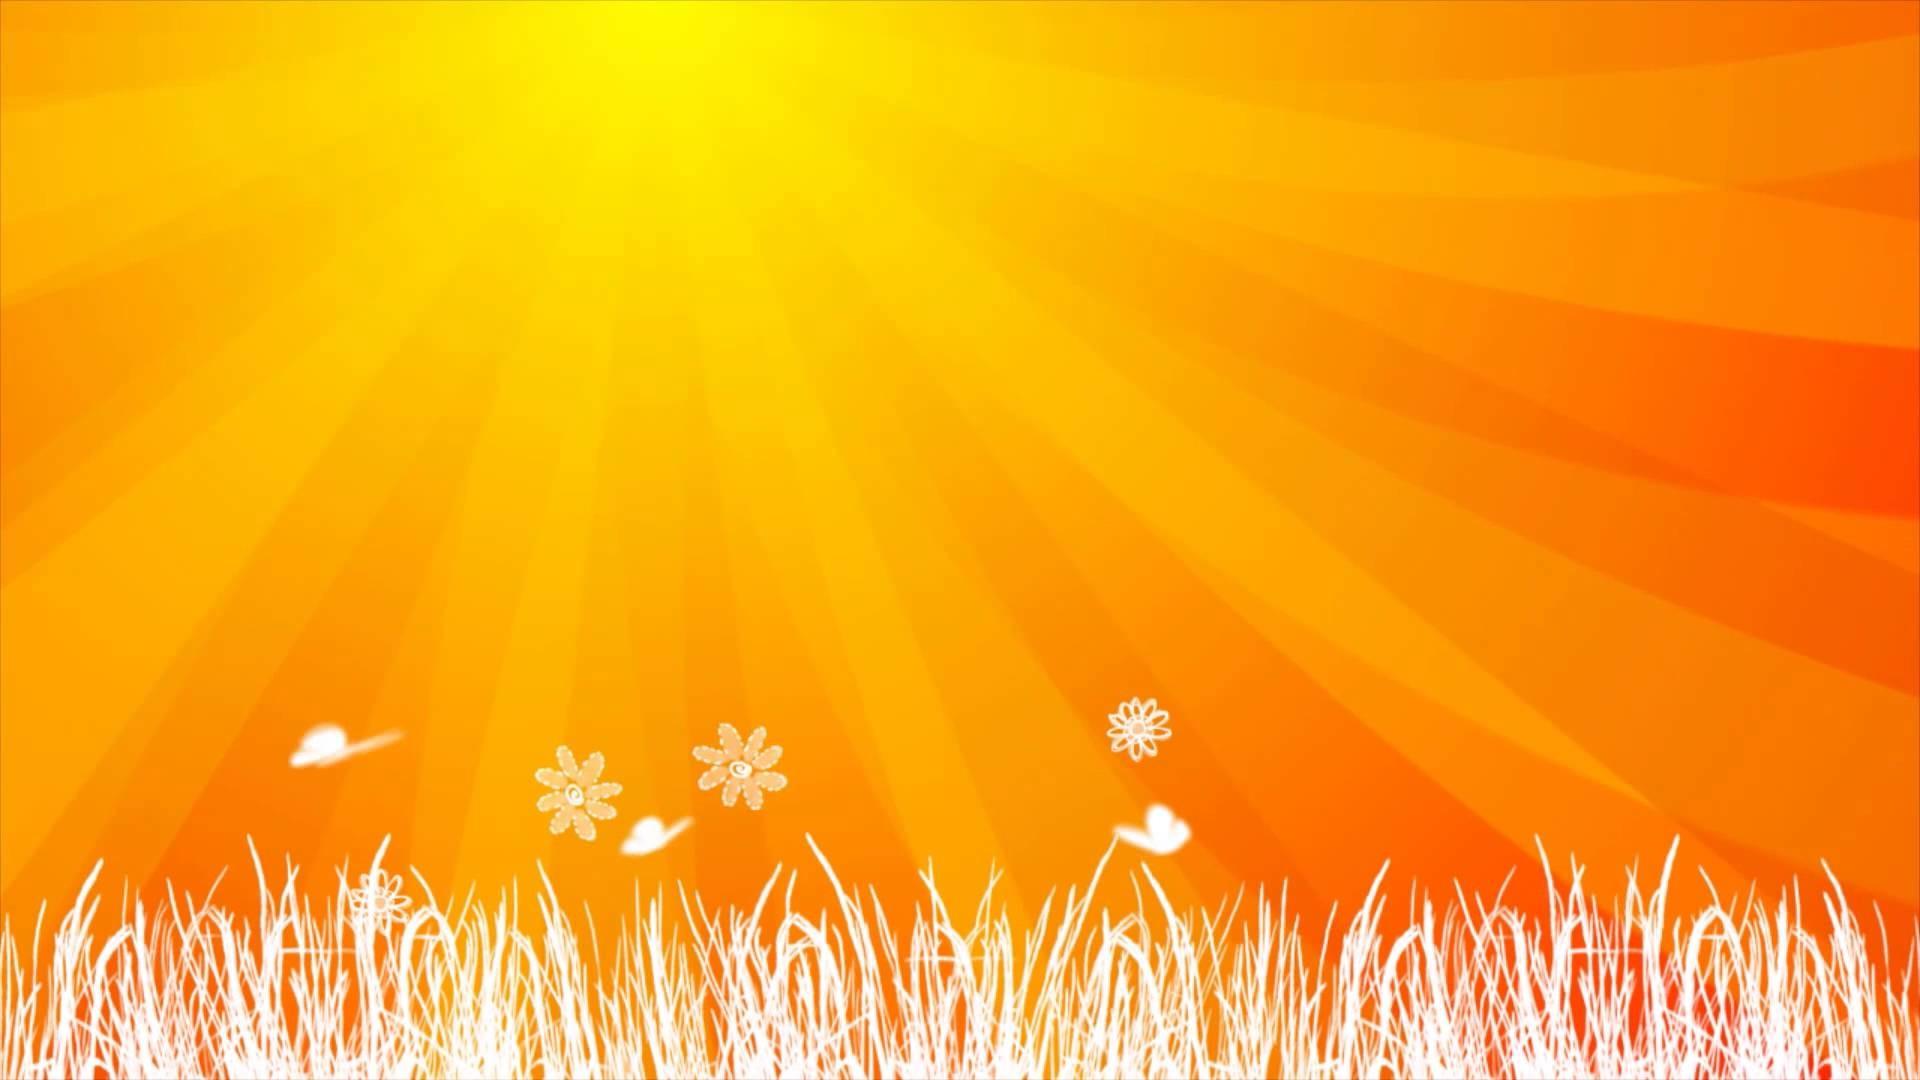 Hình nền vàng cam cỏ lá trắng tuyệt đẹp